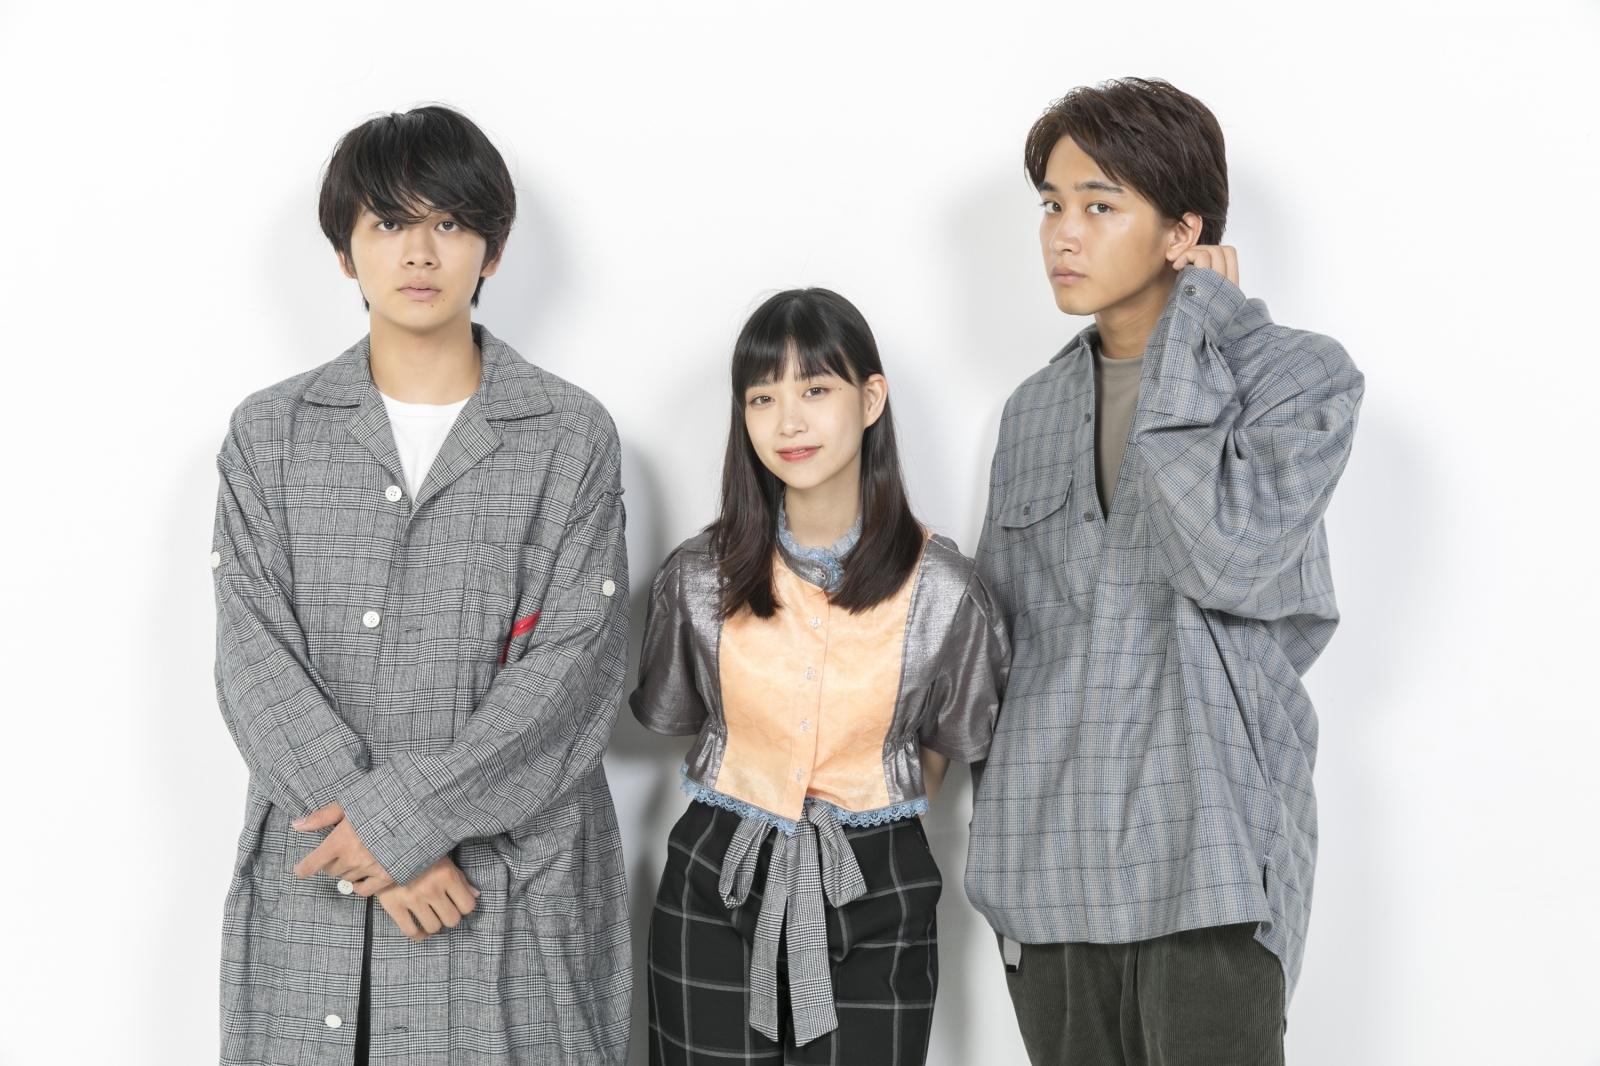 左から、北村匠海、森川葵、佐藤寛太